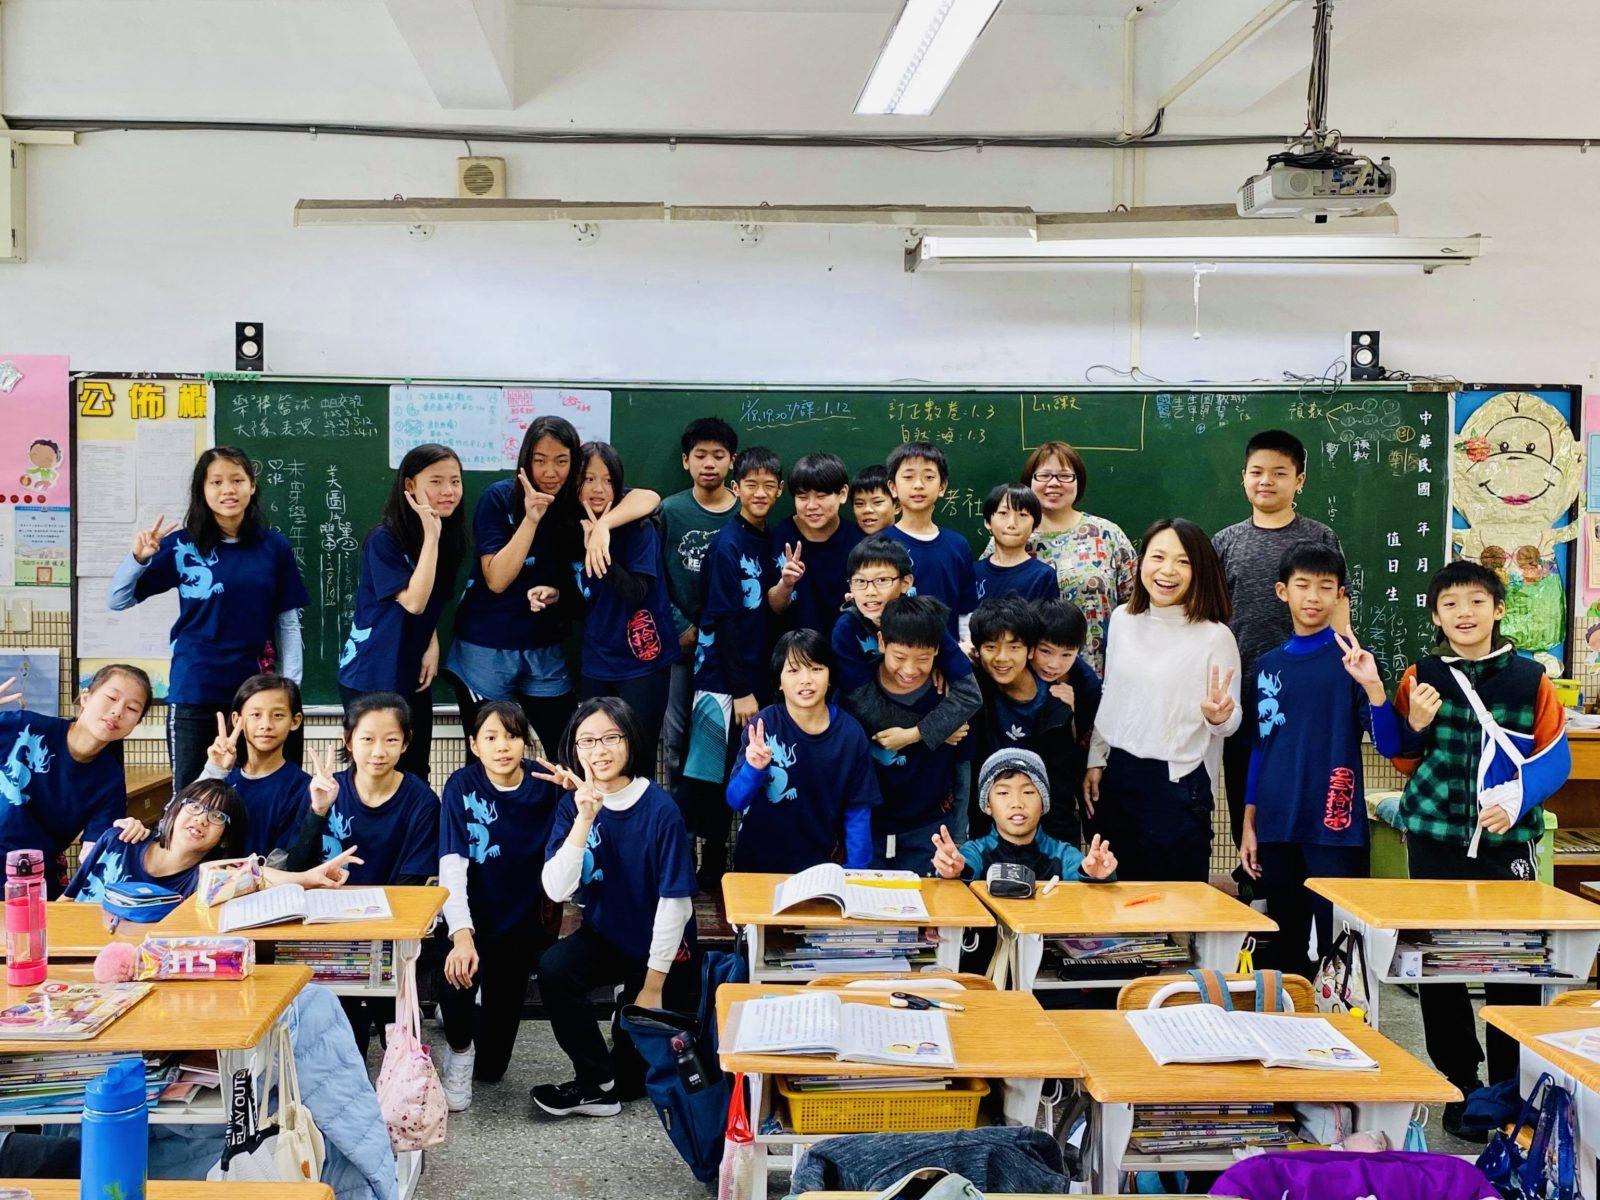 台湾の教育は日本に似てる?似てない?(台湾2/5)